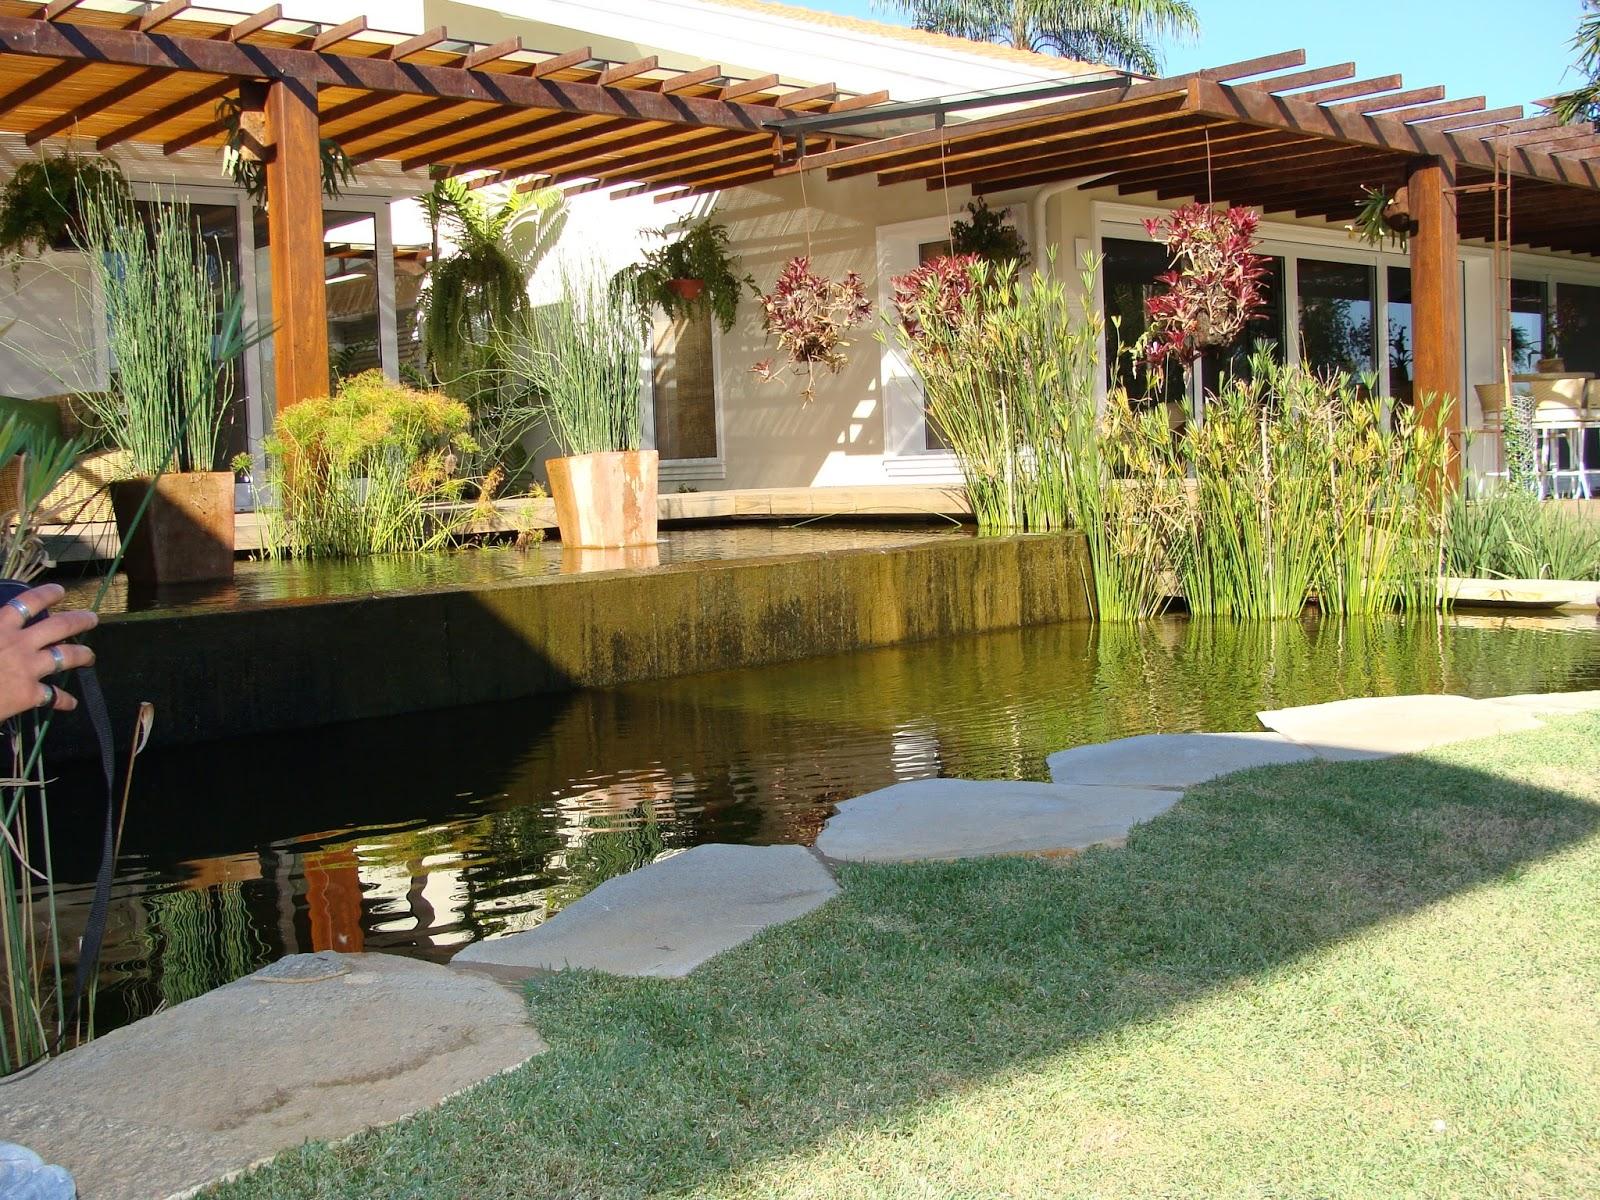 Lago artificial casa hd 1080p 4k foto for Como construir un lago artificial